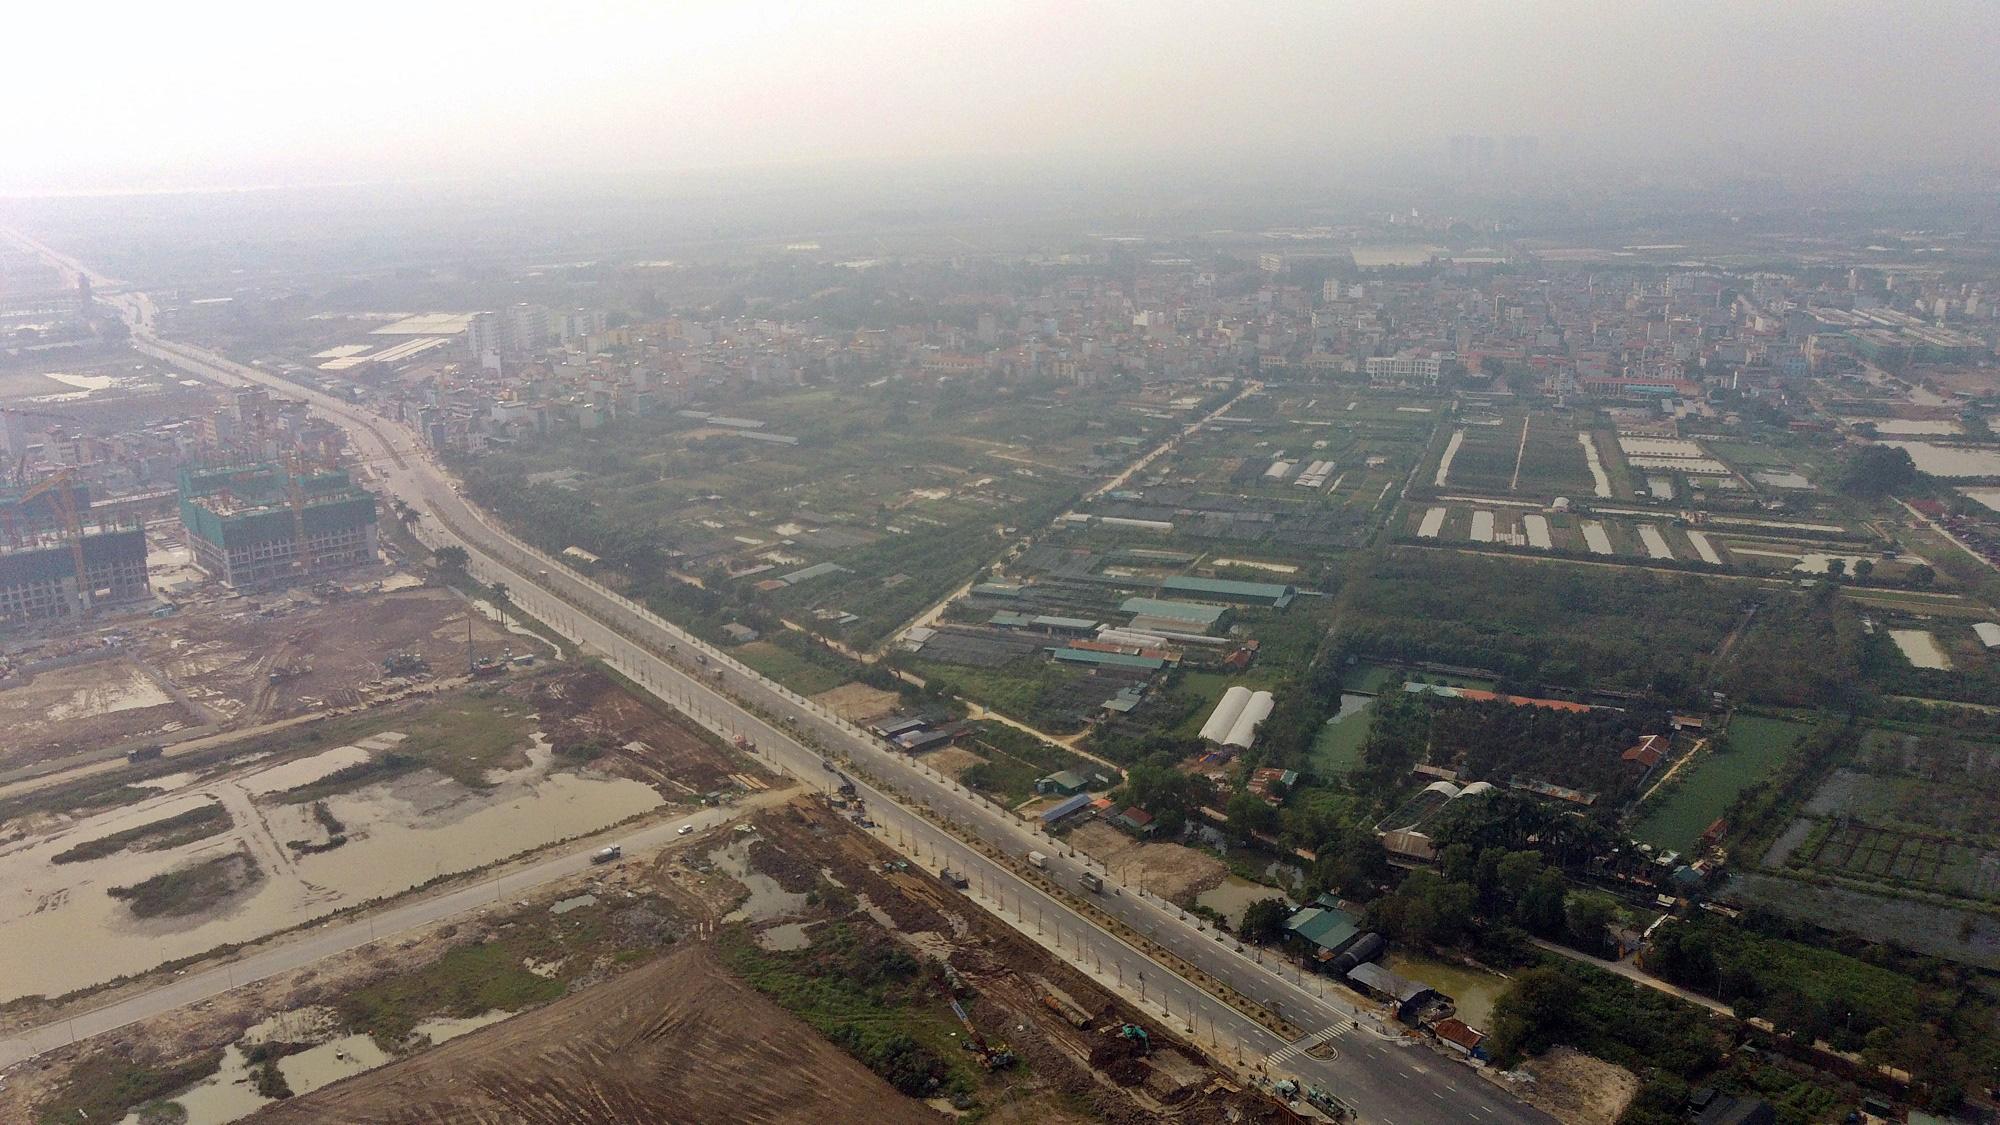 Chuẩn bị lên quận, hạ tầng giao thông huyện Gia Lâm đang thay đổi 'chóng mặt' - Ảnh 9.